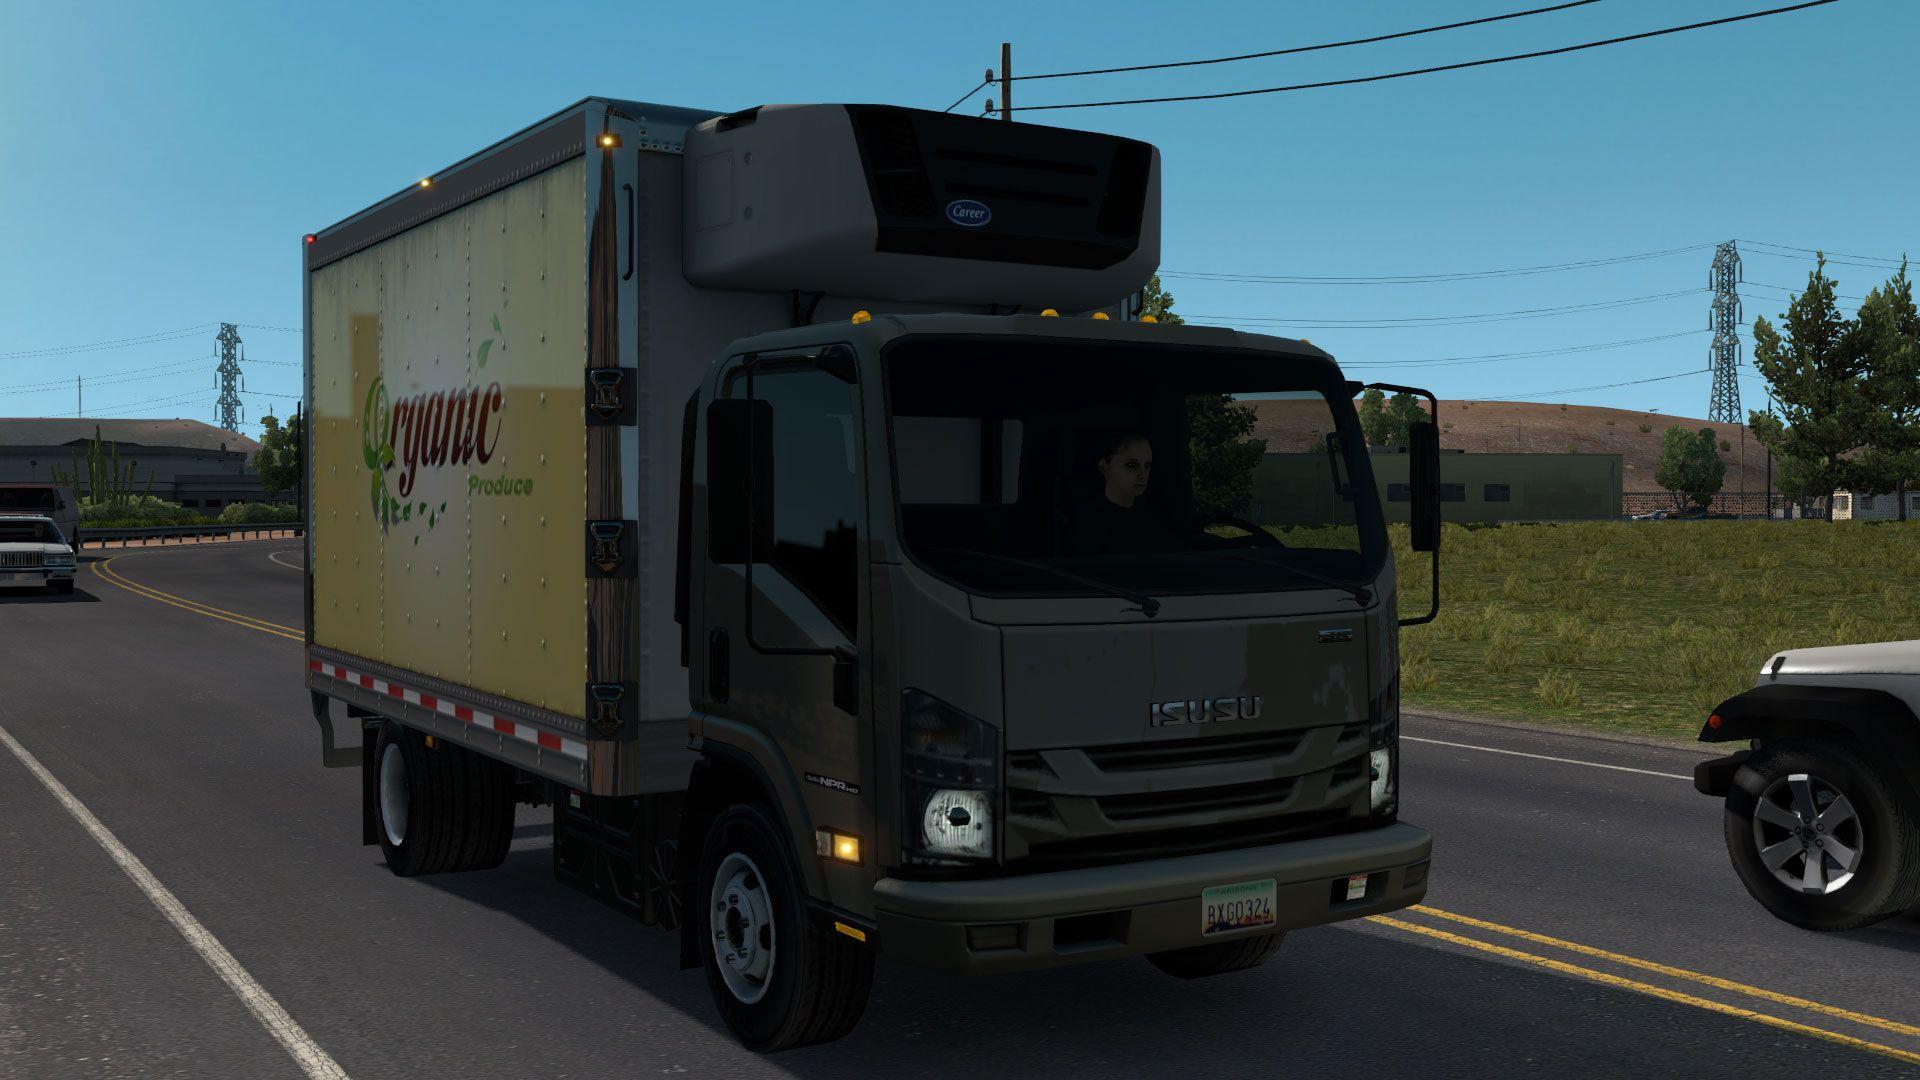 Cреднетонажный грузовик в трафике American Truck Simulator (что-то похожее на Isuzu)